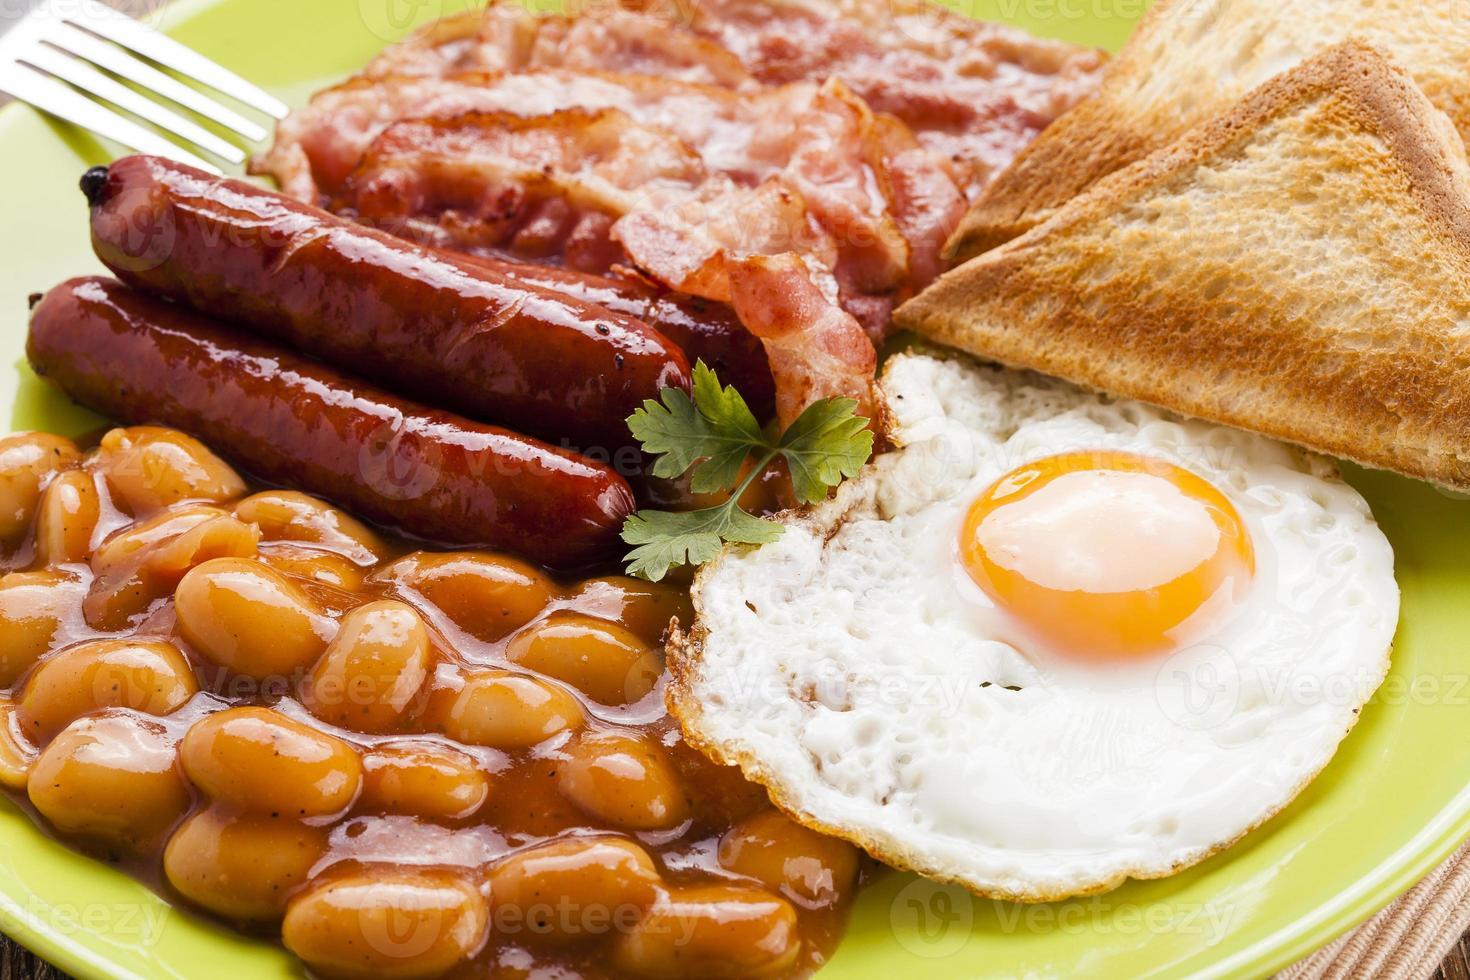 englisches Frühstück mit Speck, Wurst, Spiegelei, gebackenem Bea foto